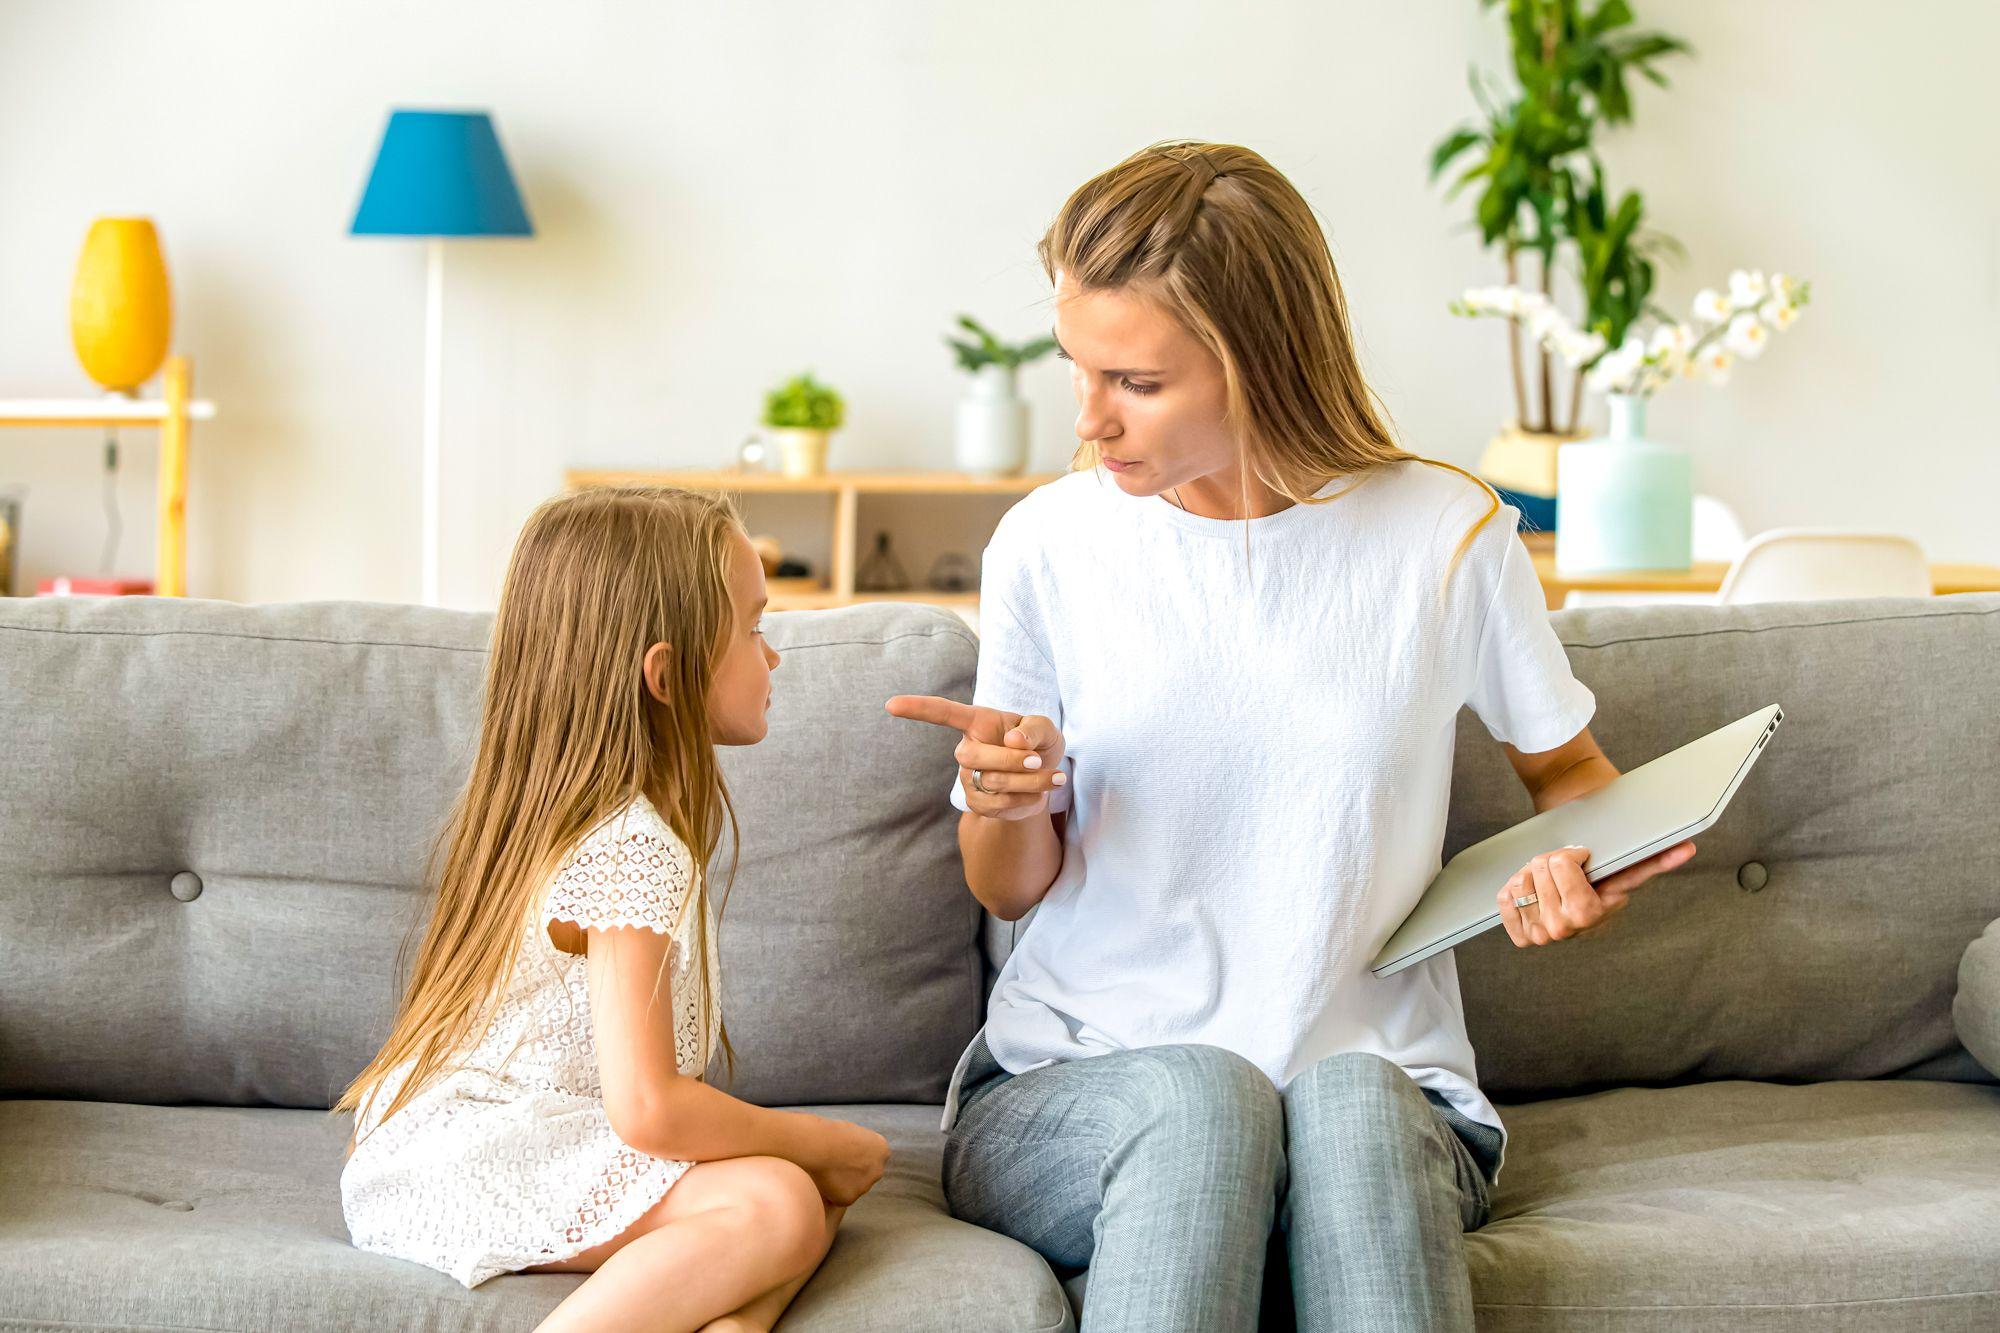 Educational Indoor Activities Parent Kid Screen Time